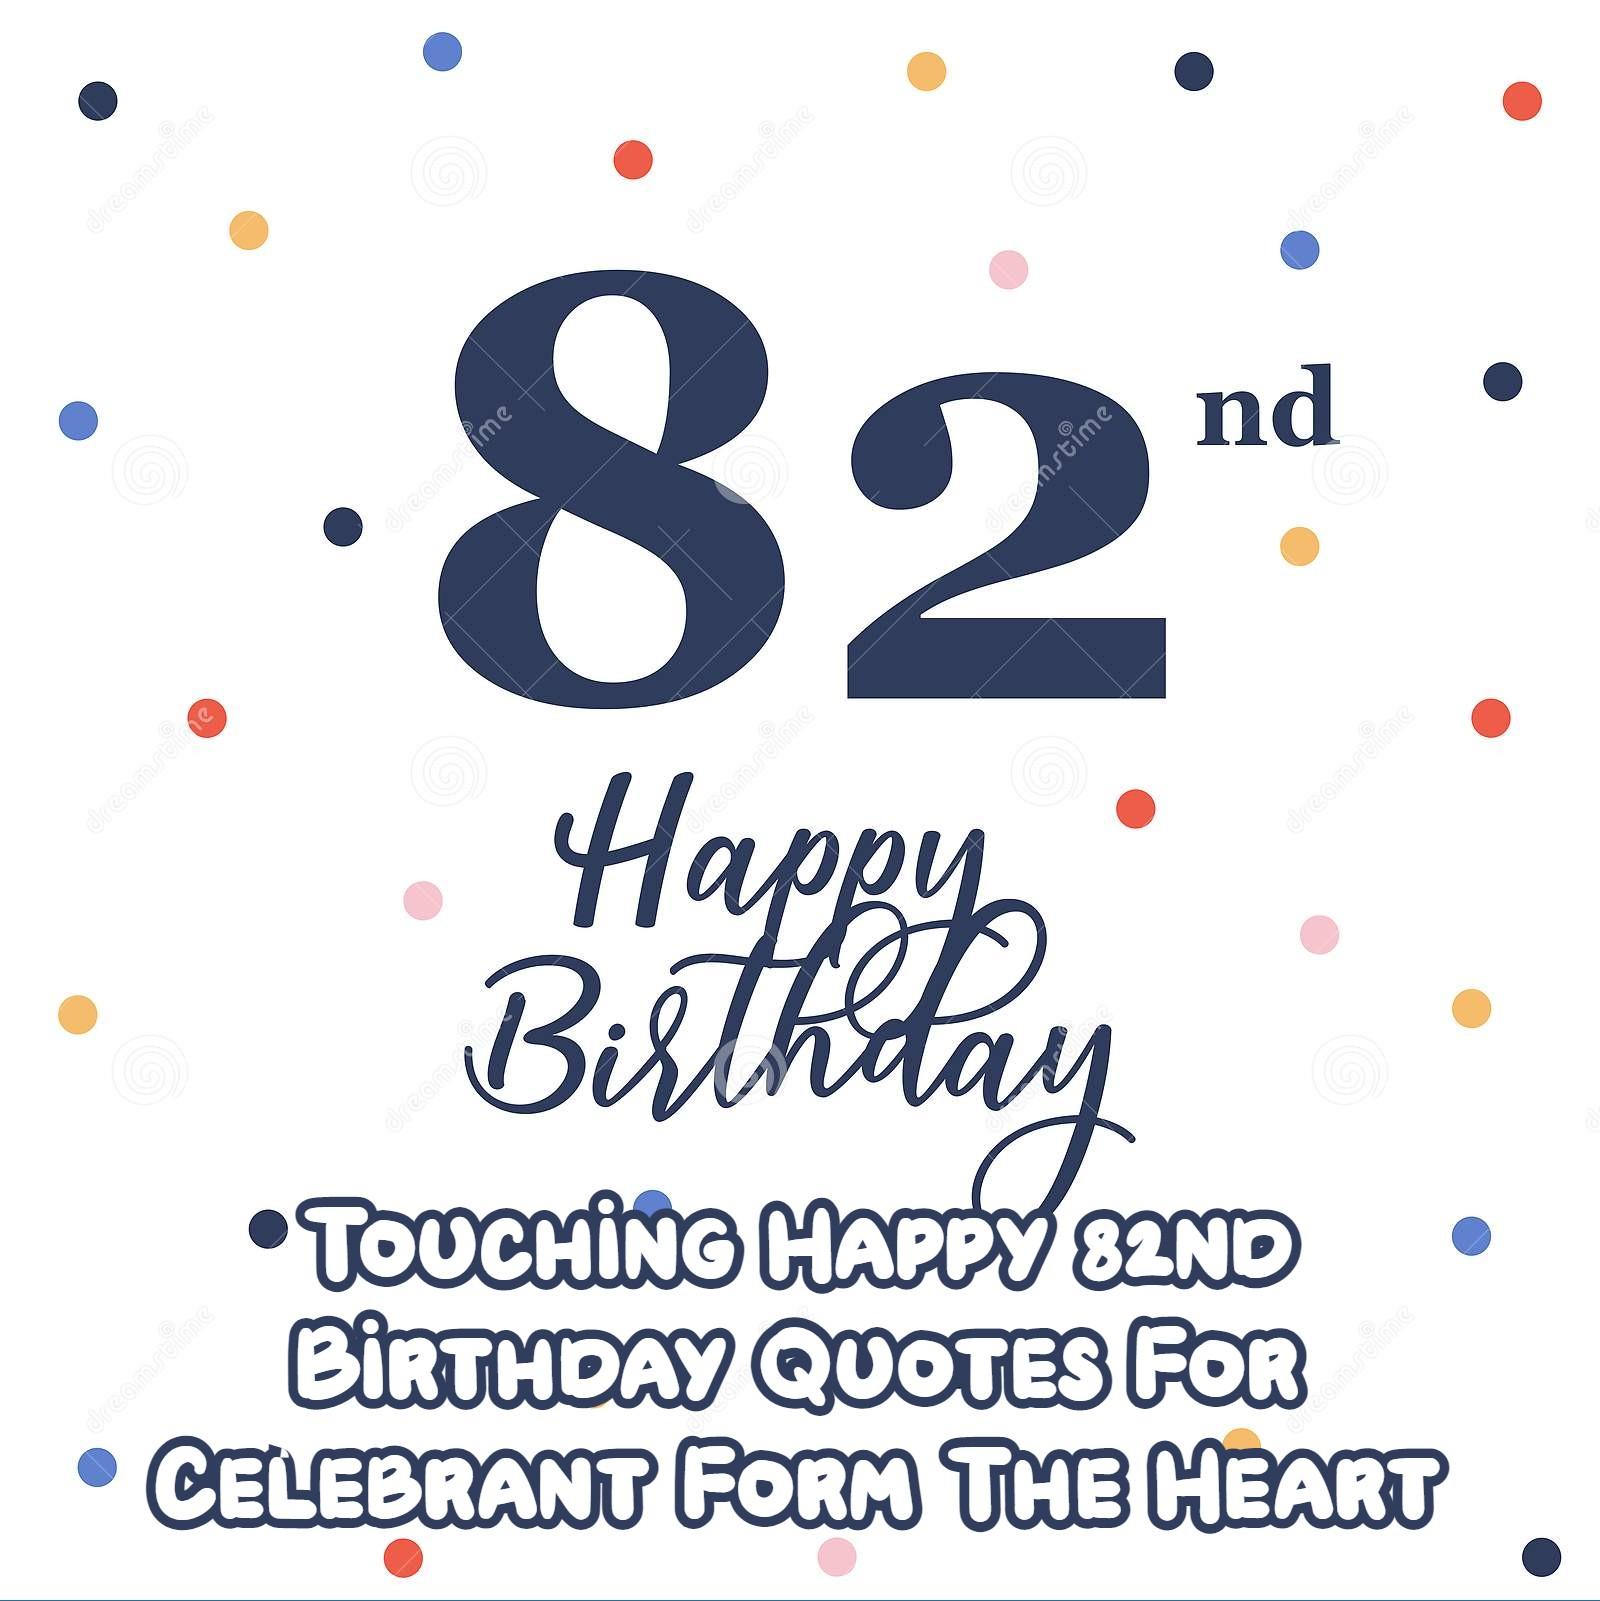 Happy 82nd Birthday